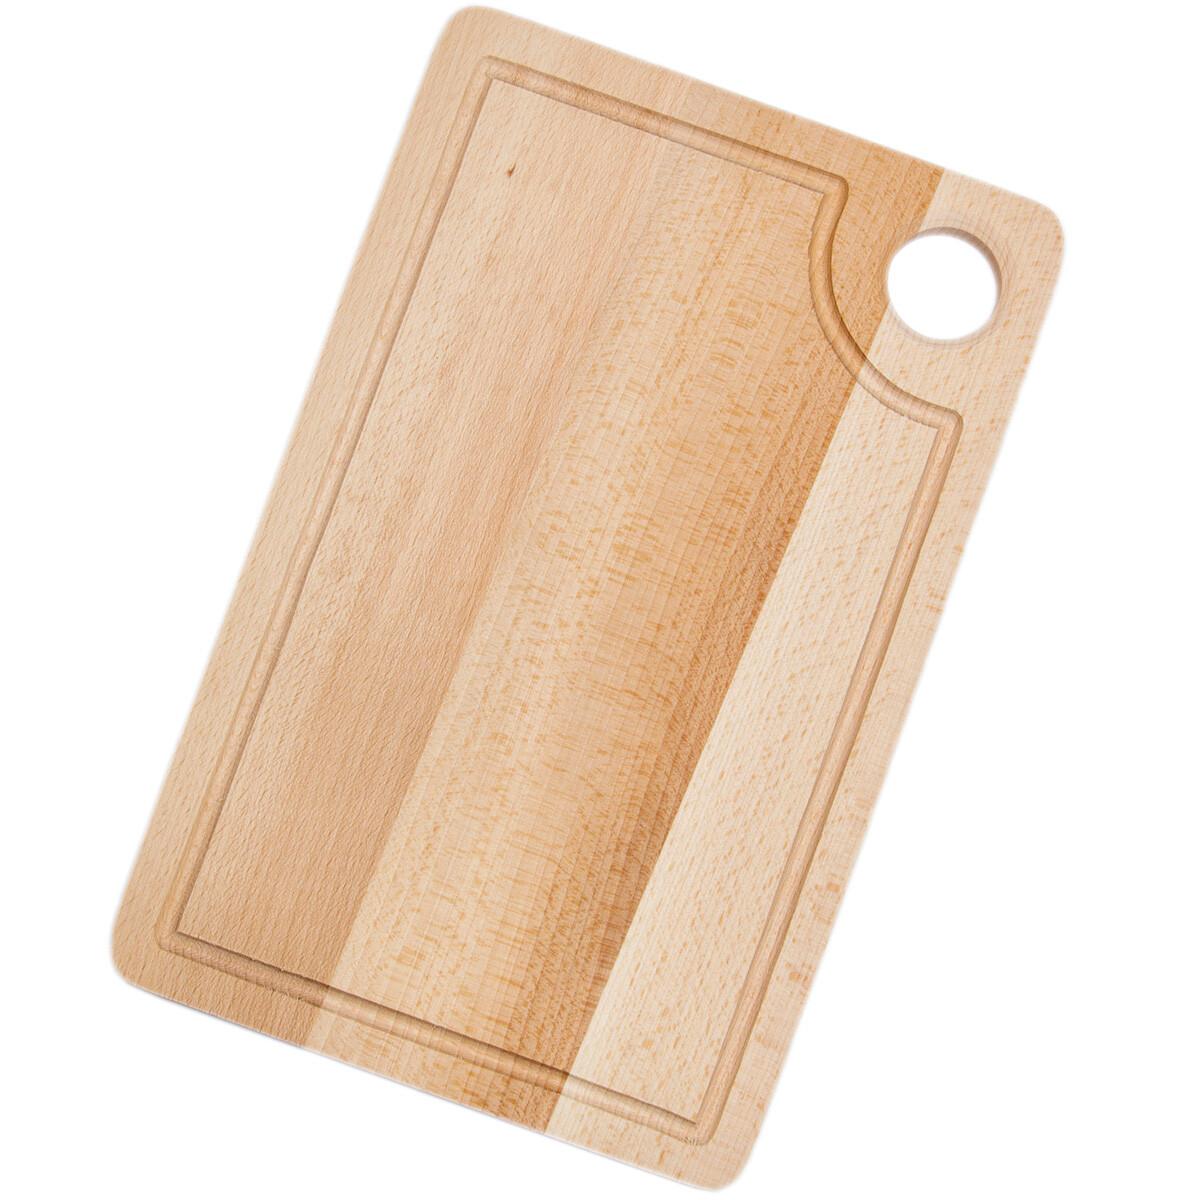 Planche de cuisine planche en bois planche d couper r for Planche en bois de cuisine